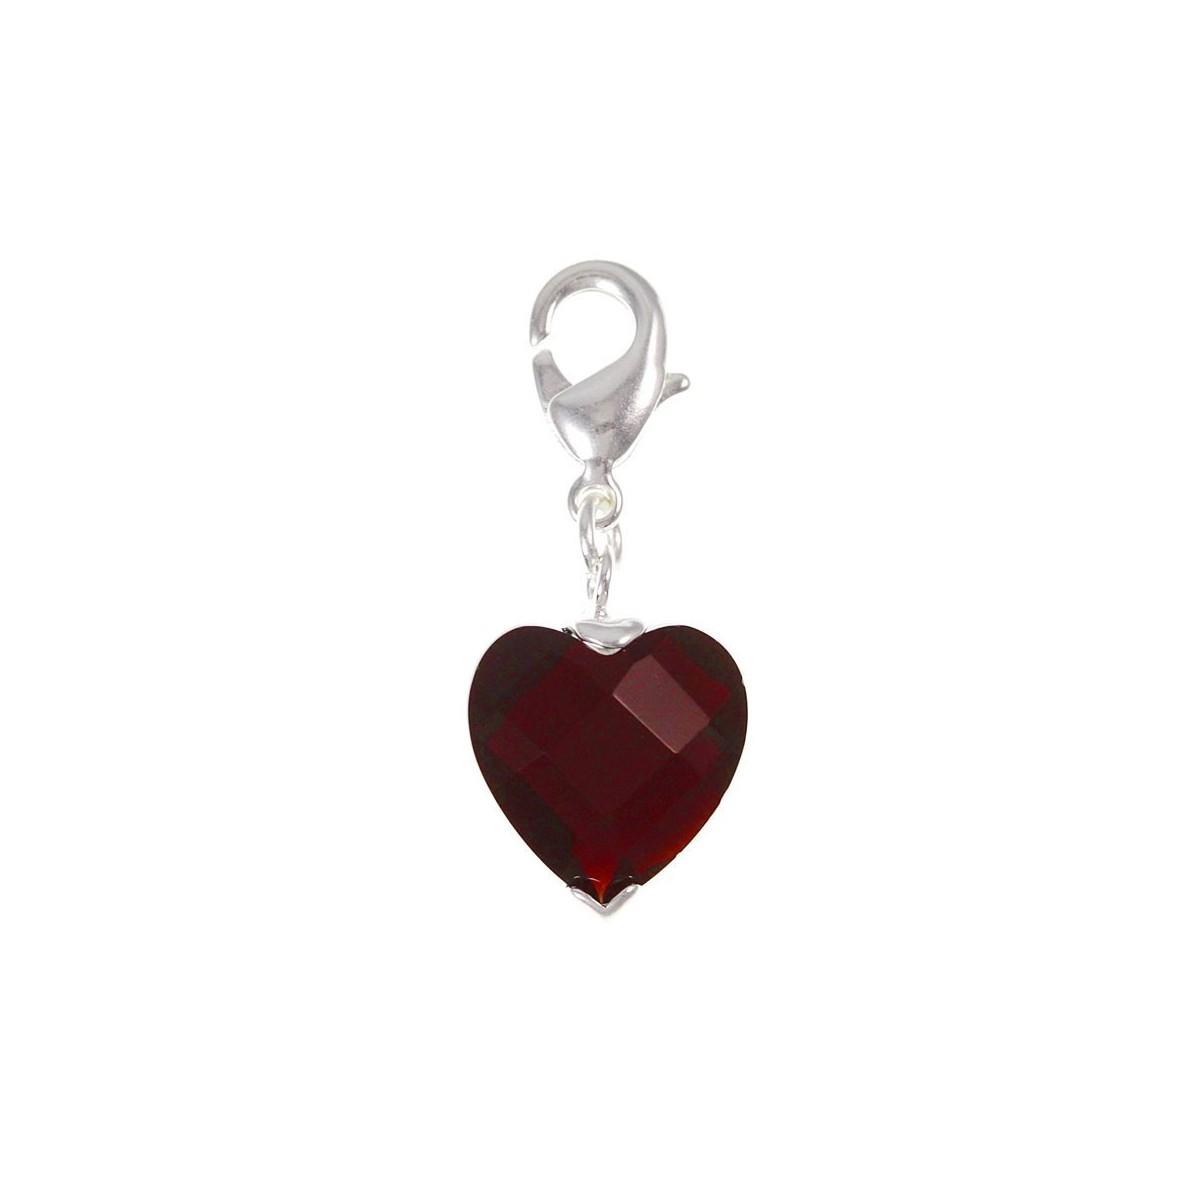 Charm coeur rouge grenat foncé cristal So Charm plaqué argent 3 microns